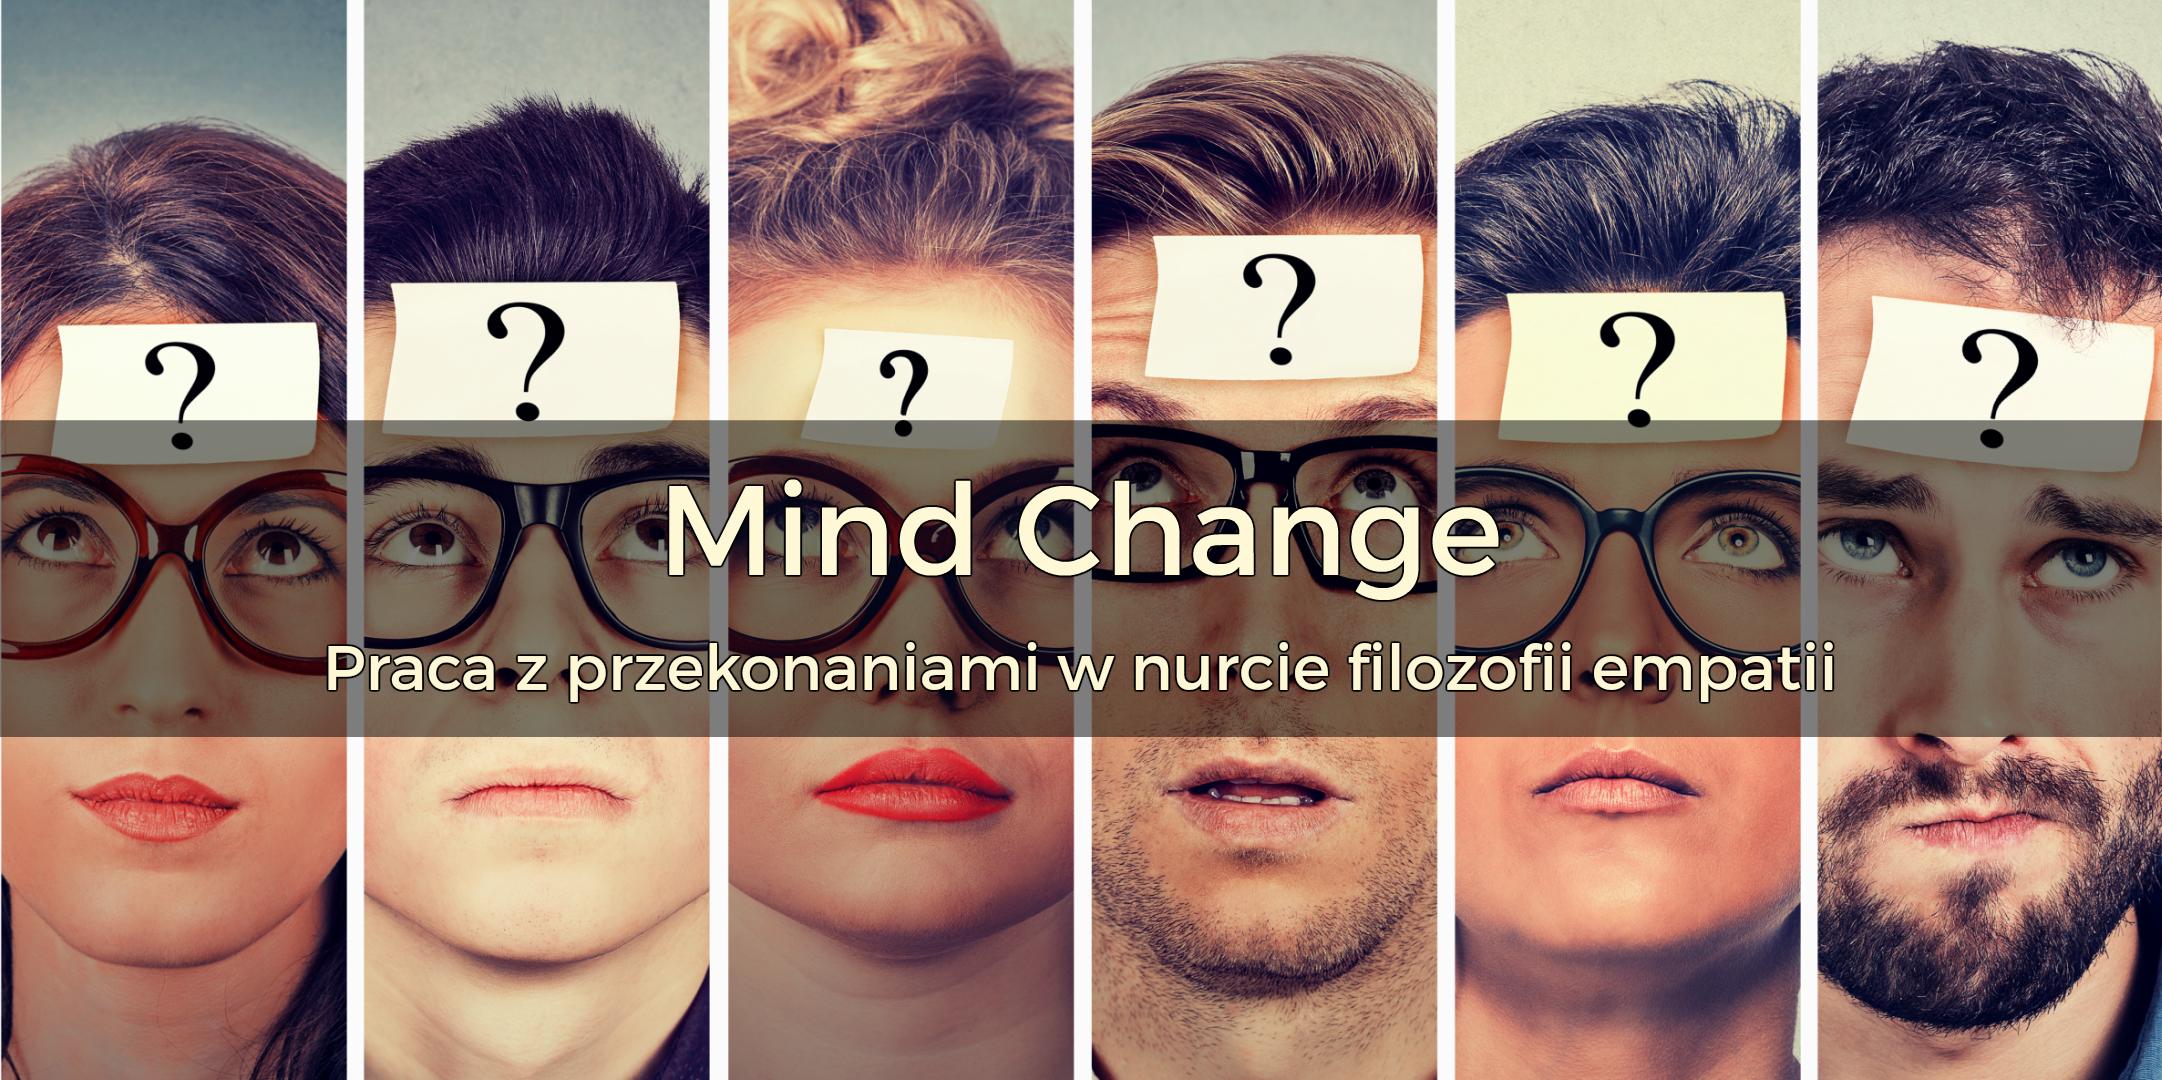 MindChange – praca z przekonaniami w nurcie filozofii empatii | 20-21 stycznia 2018 | Warszawa